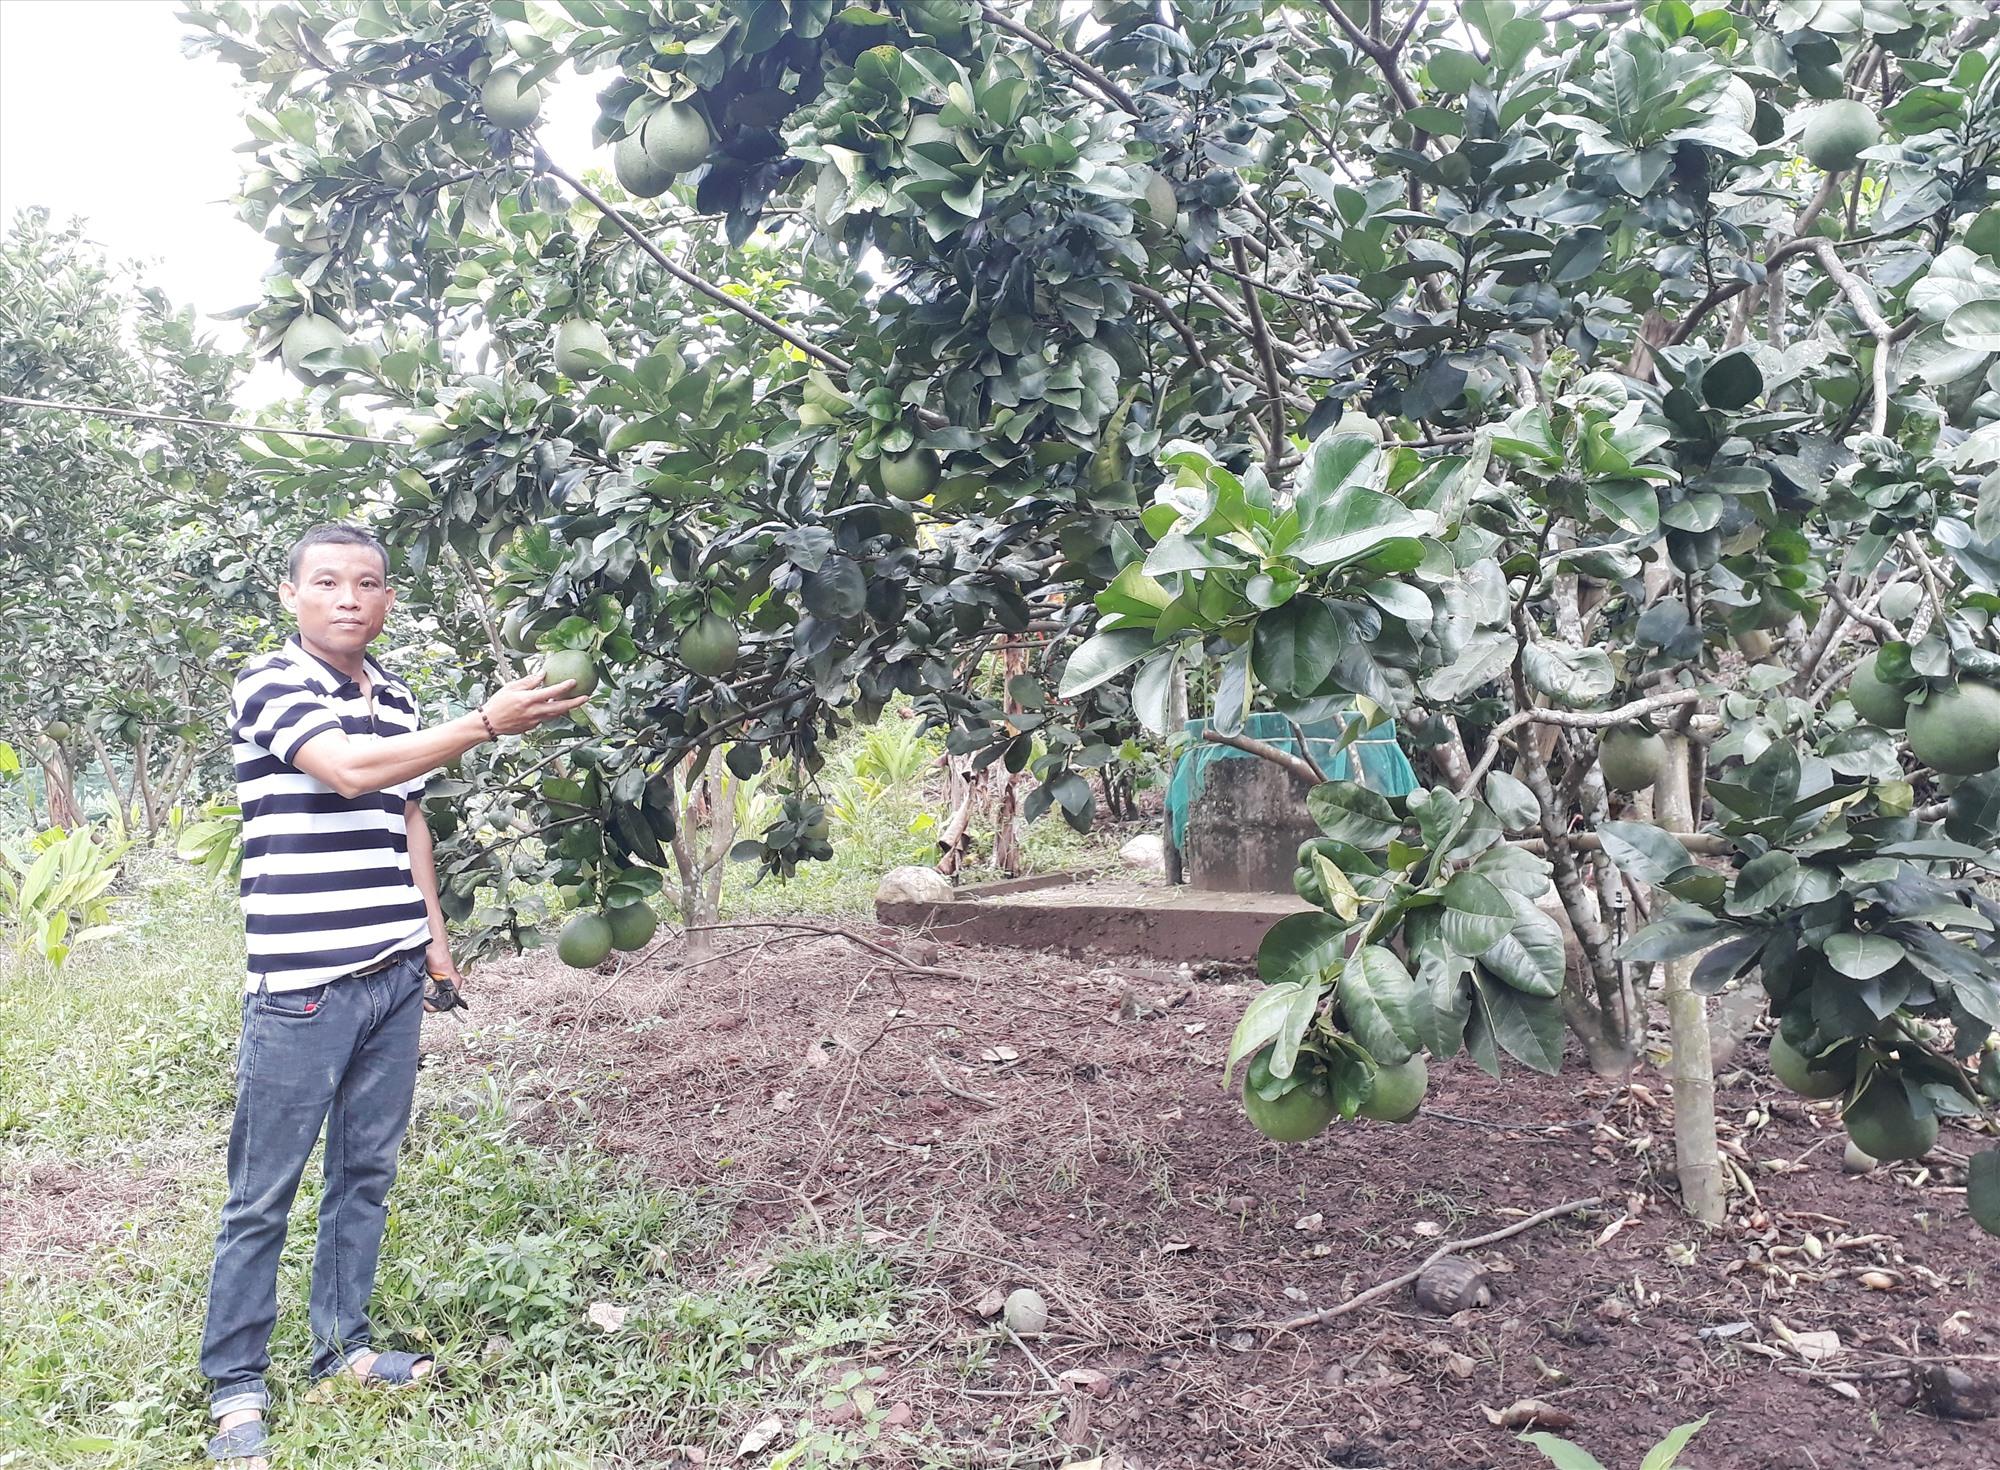 Anh Đặng Văn Minh chăm sóc vườn cây ăn quả của gia đình. Ảnh: L.T